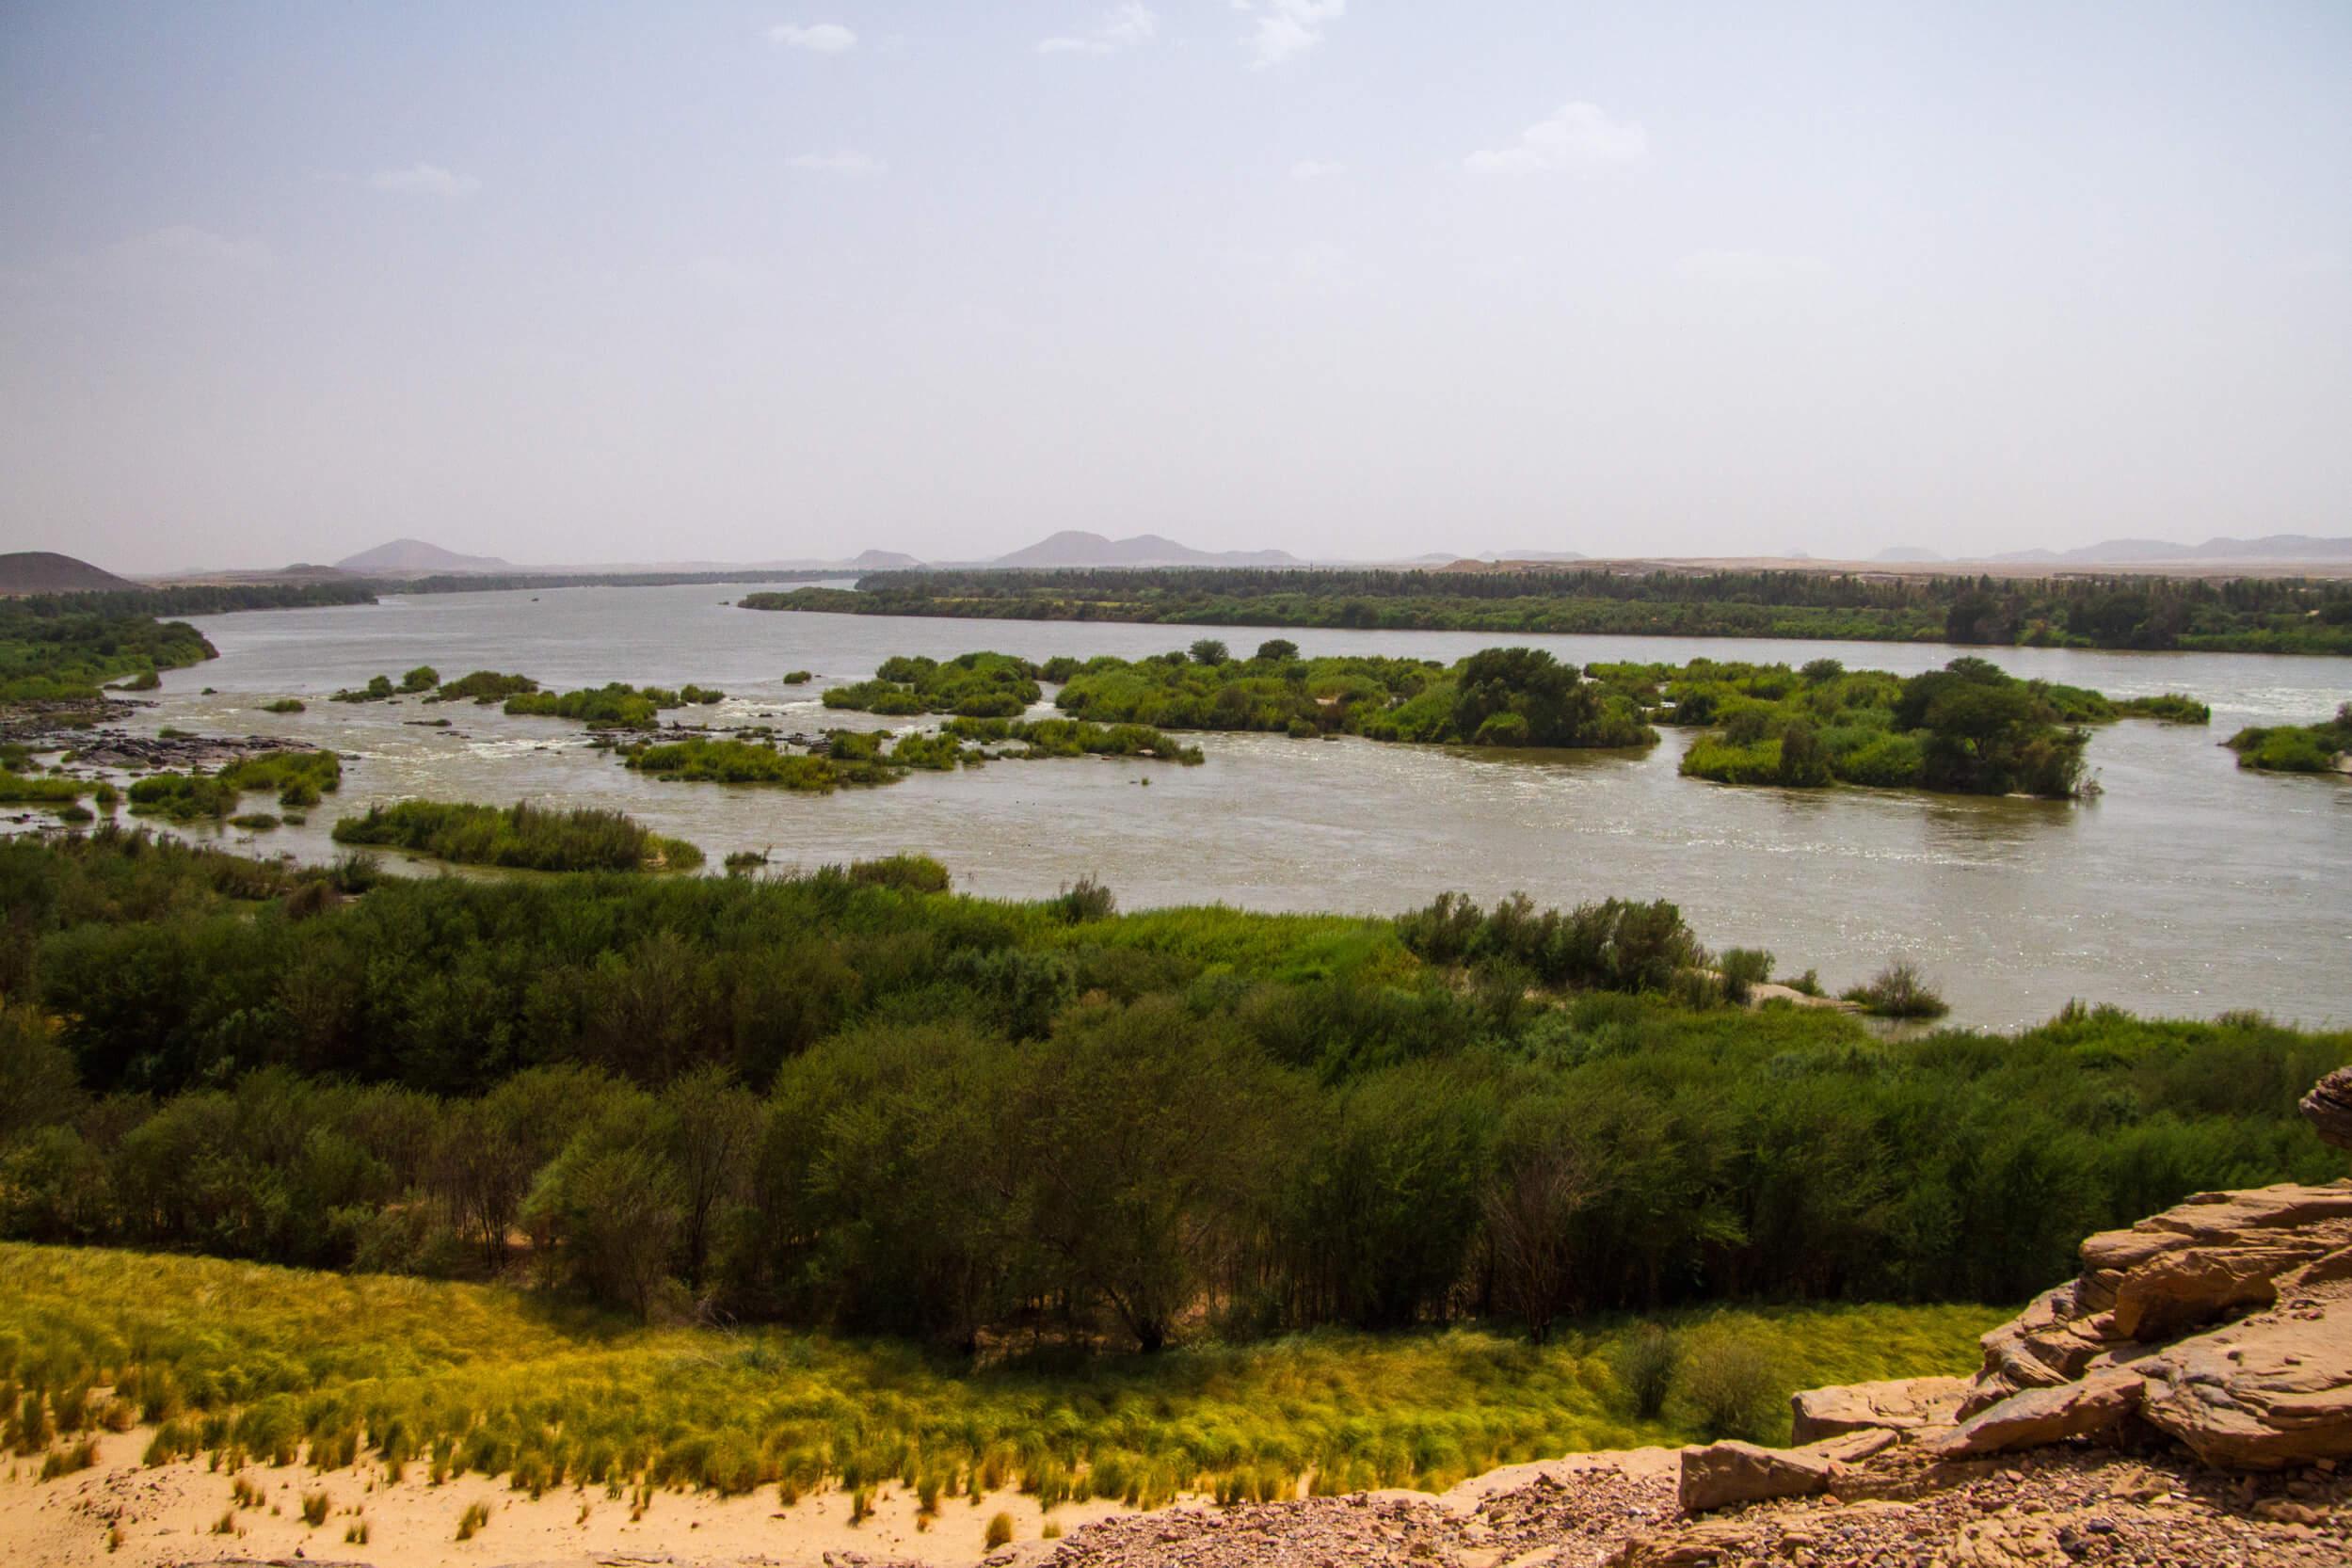 https://bubo.sk/uploads/galleries/7407/marekmeluch_sudan_3.kataraktnil.jpg